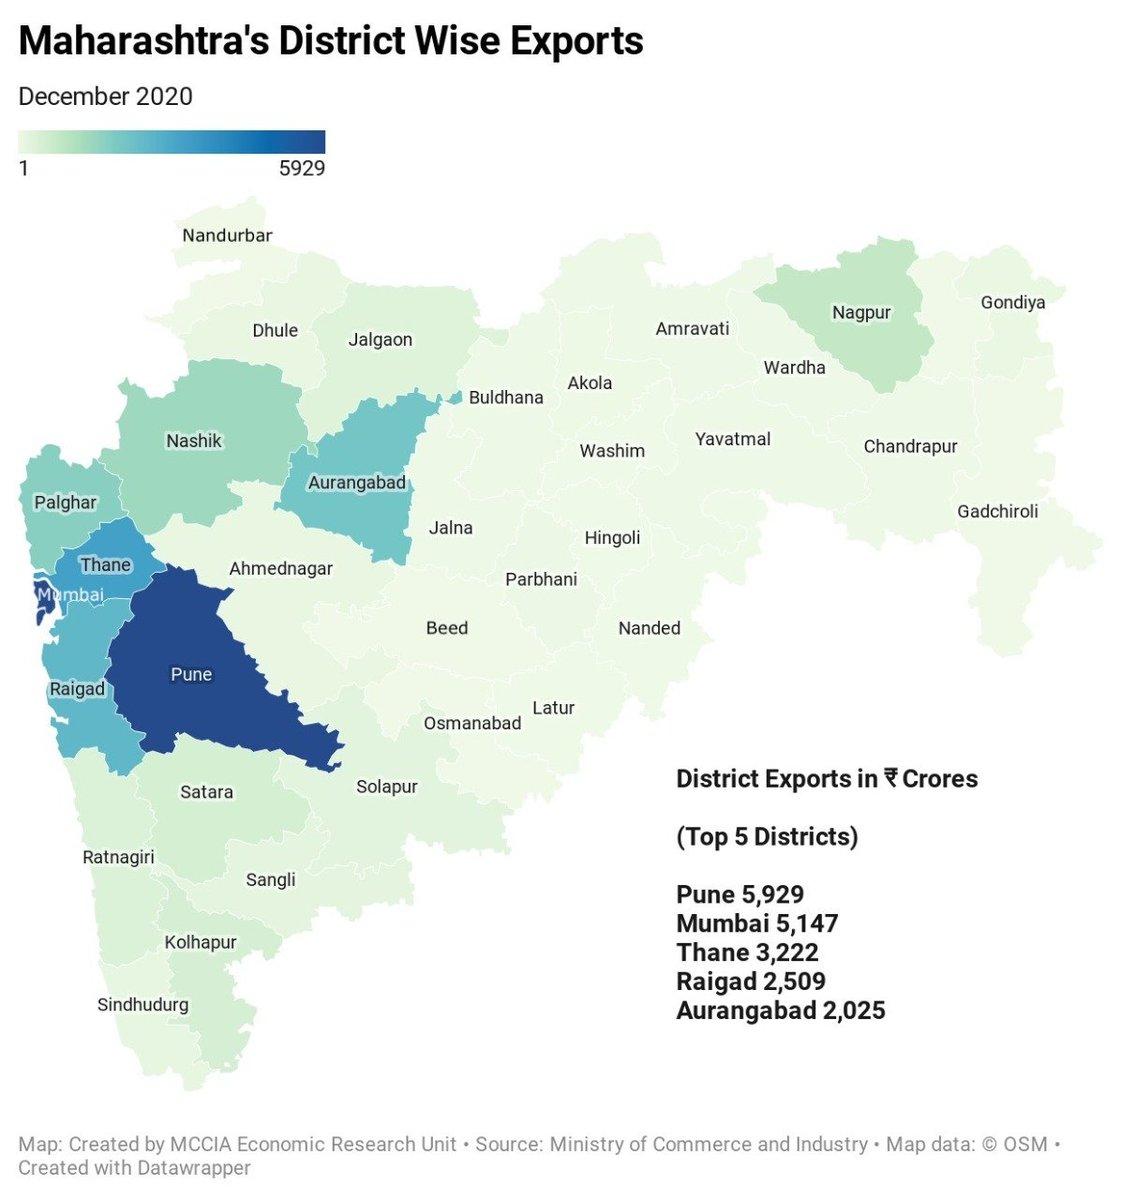 पुणे जिल्हा पुन्हा एकदा निर्यातीच्या बाबतीत महाराष्ट्रात अव्वल ठरला आहे. डिसेंबर २०२० पर्यंत पुणे जिल्ह्याची निर्यात ५९२९ करोड रुपये झाली आहे. जी महाराष्ट्र राज्याच्या एकूण निर्यातीच्या १३% इतकी आहे.